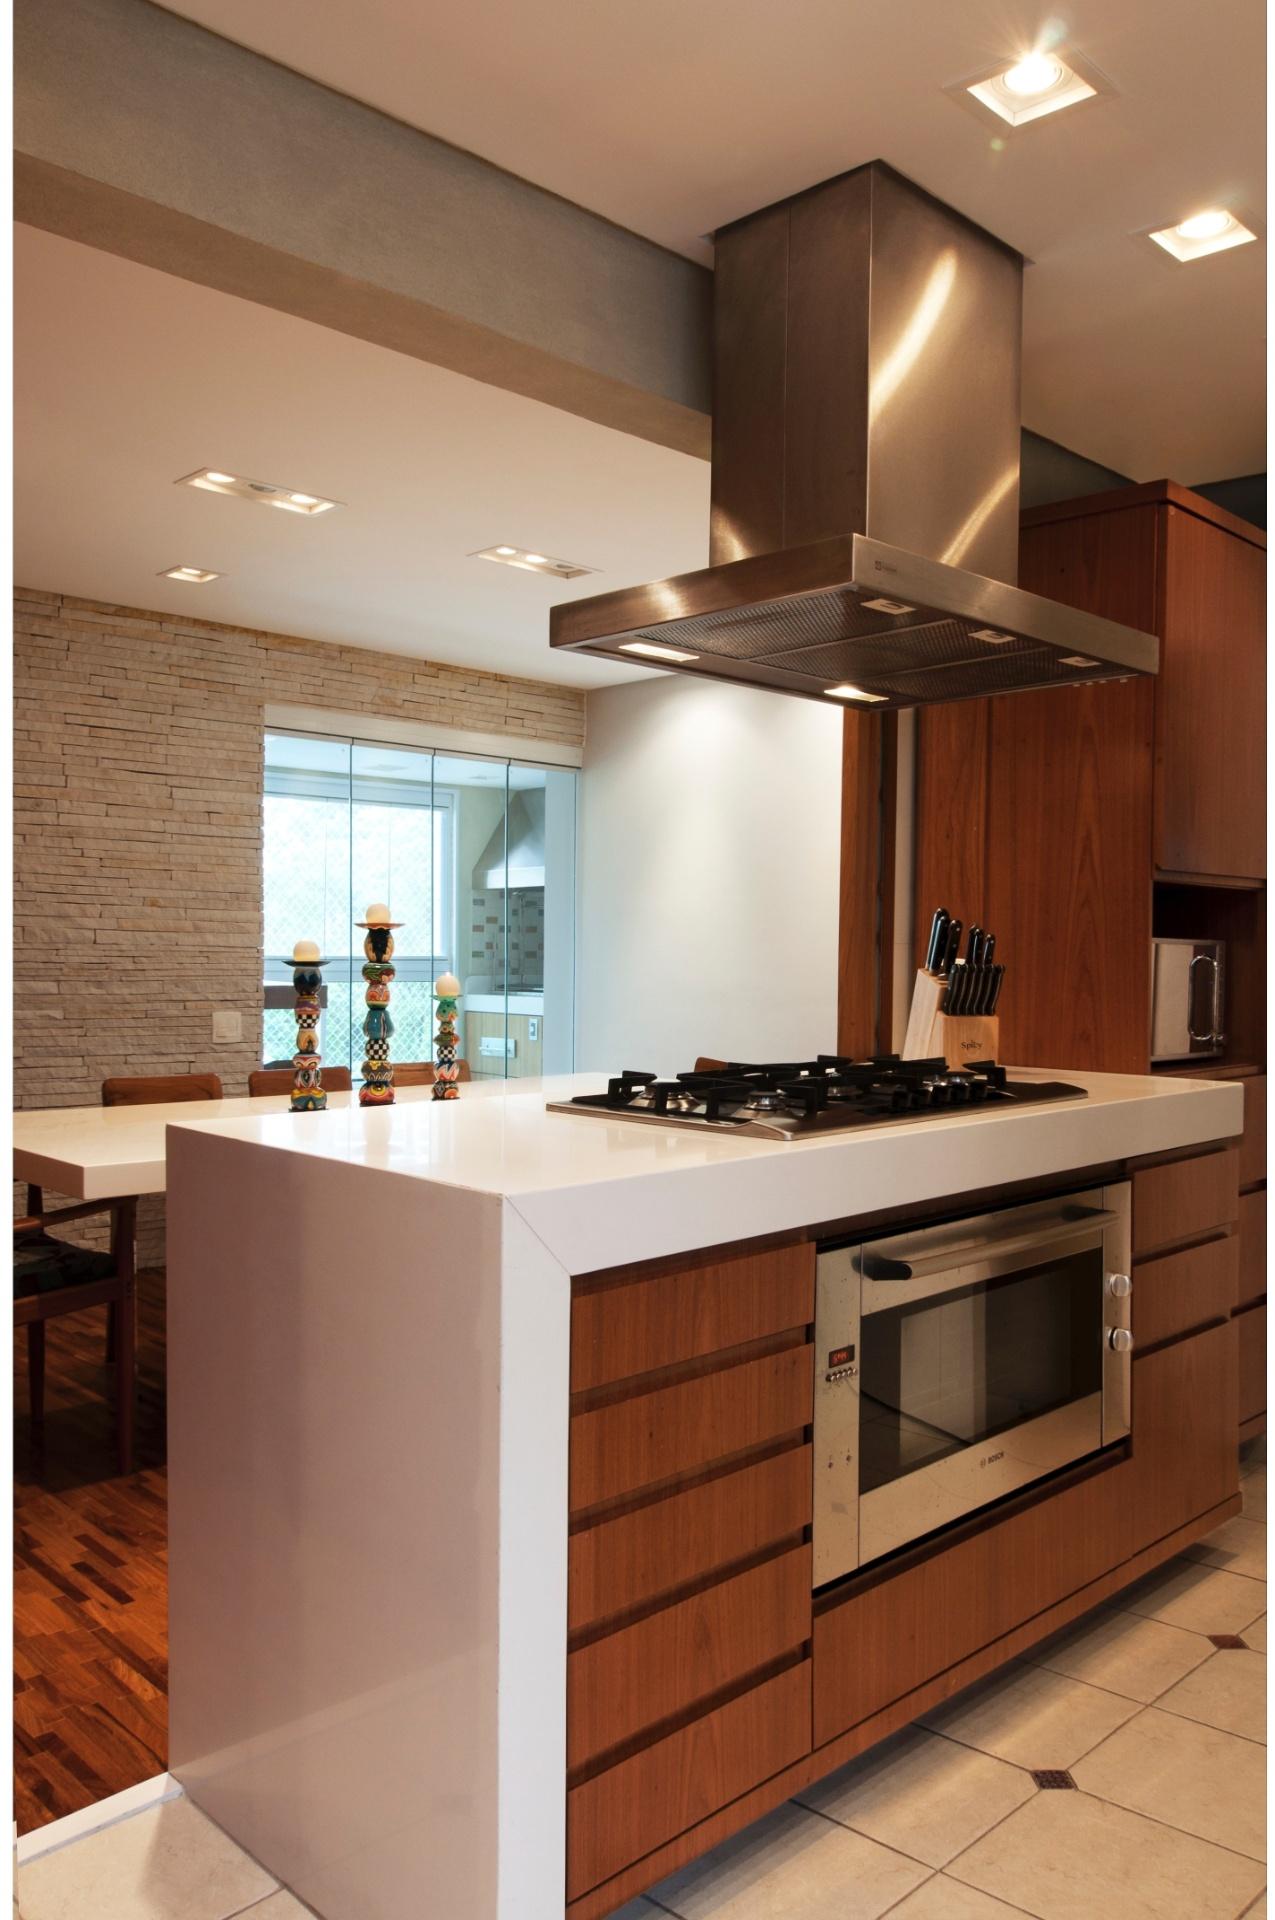 A bancada da cozinha para cooktop é feita com Silestone no tom branco Zeus - escolhido por se assemelhar ao brilho da mesa de jantar, mas assegurar grande resistência. Ao fundo, no jantar, a parede de canjiquinha mineira (Amazonas Pedras) separa o ambiente da área de churrasqueira acessível por uma porta de vidro. O projeto do apartamento Itapaiuna II é assinado por Crisa Santos